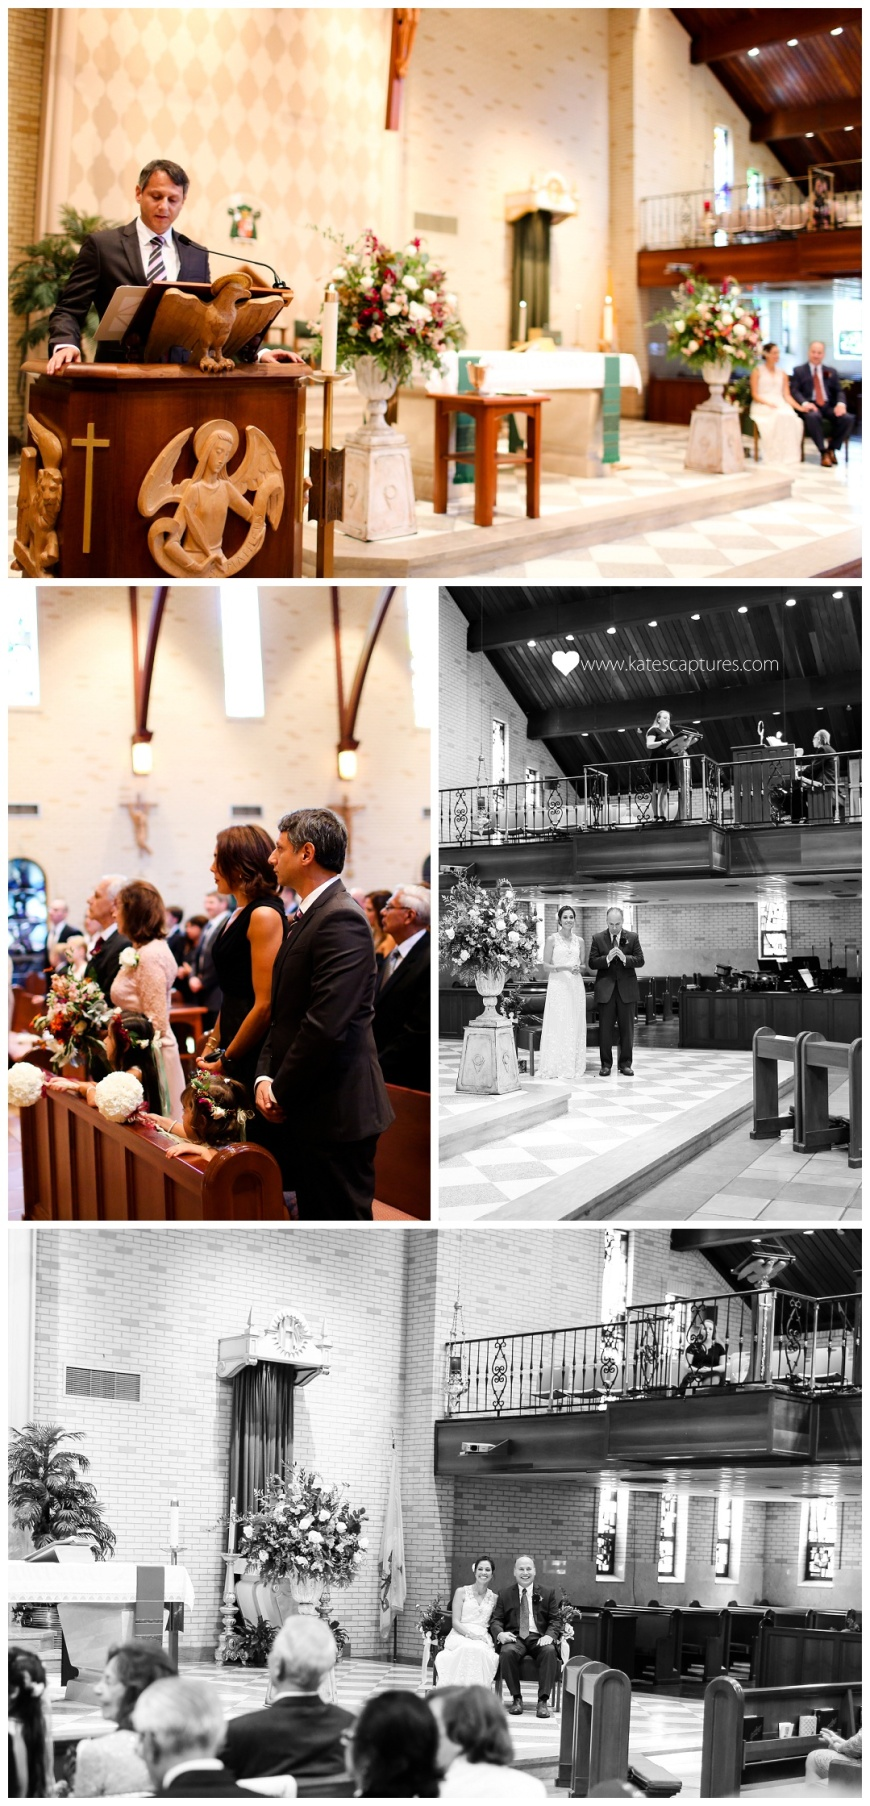 2015-10-23_0031.jpg